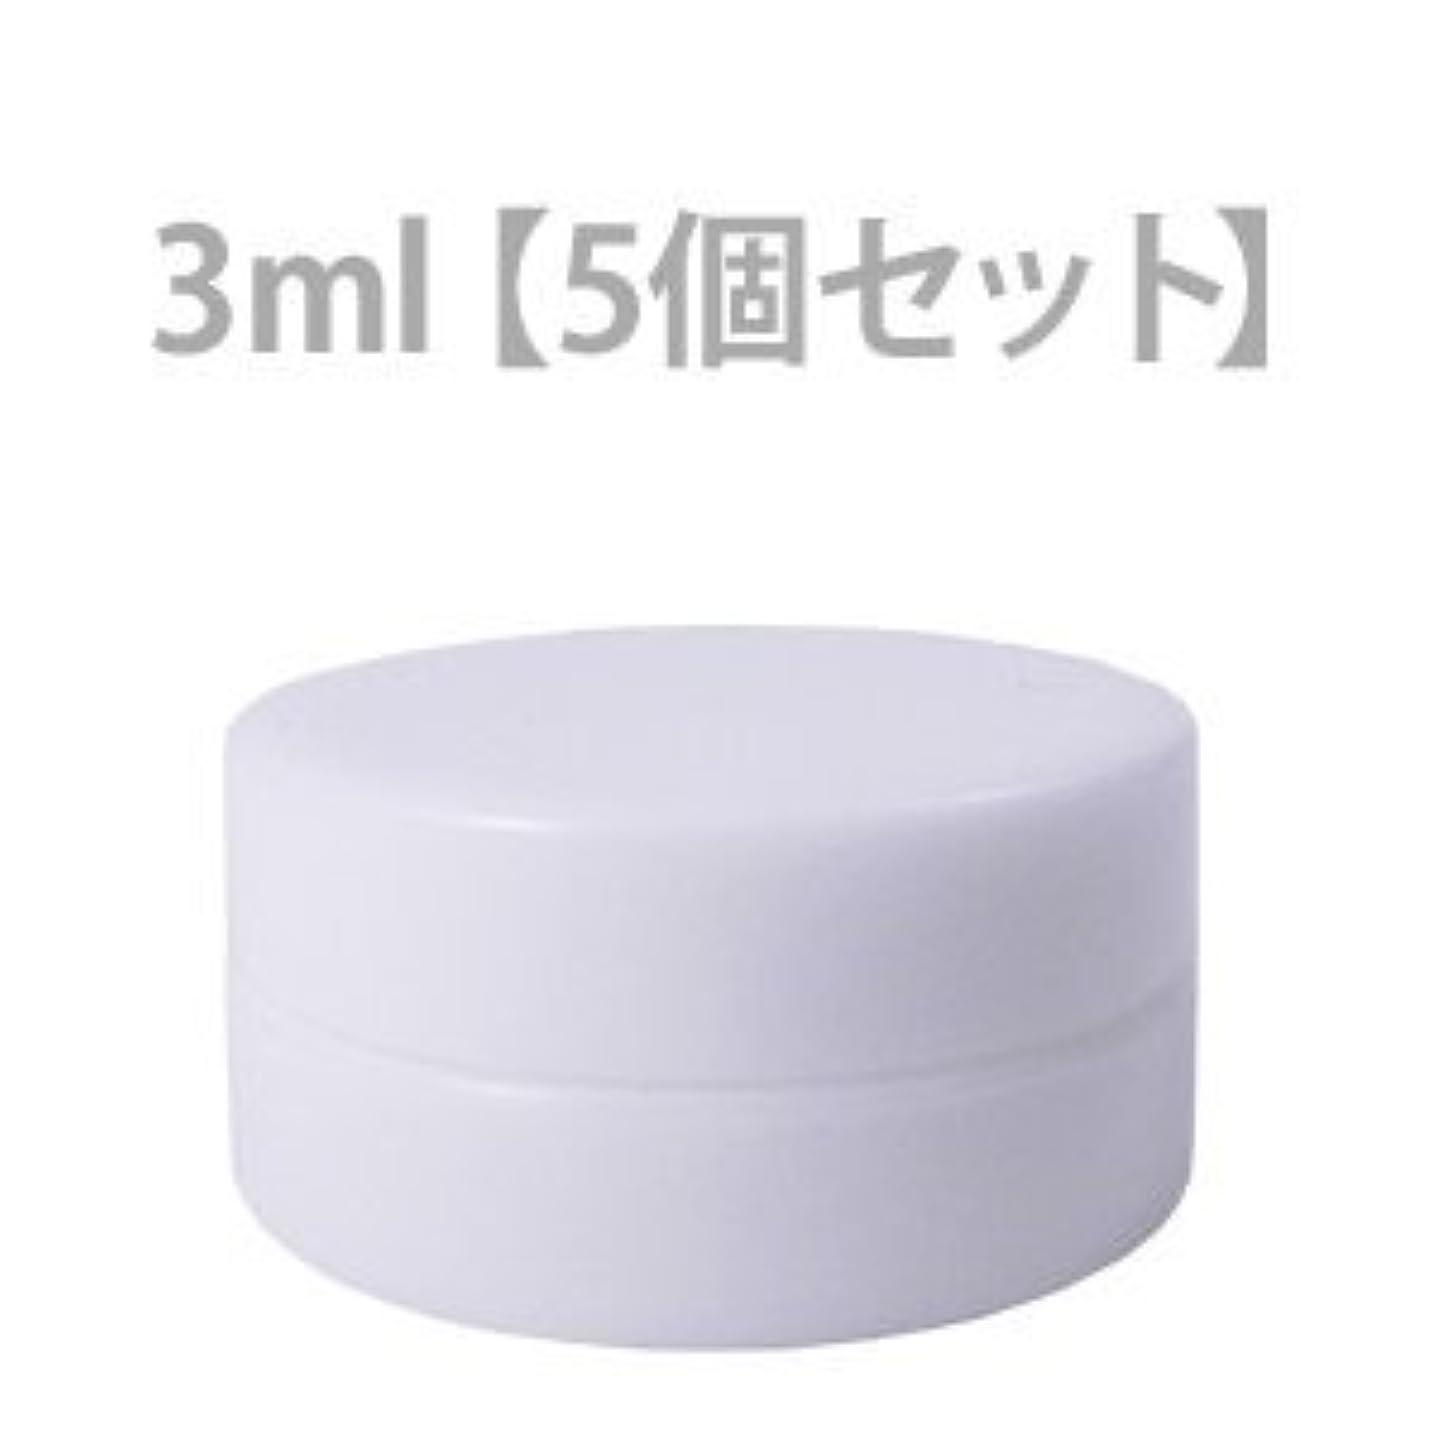 サーマルスマートビンクリーム用容器 化粧品容器 3ml 5個セット